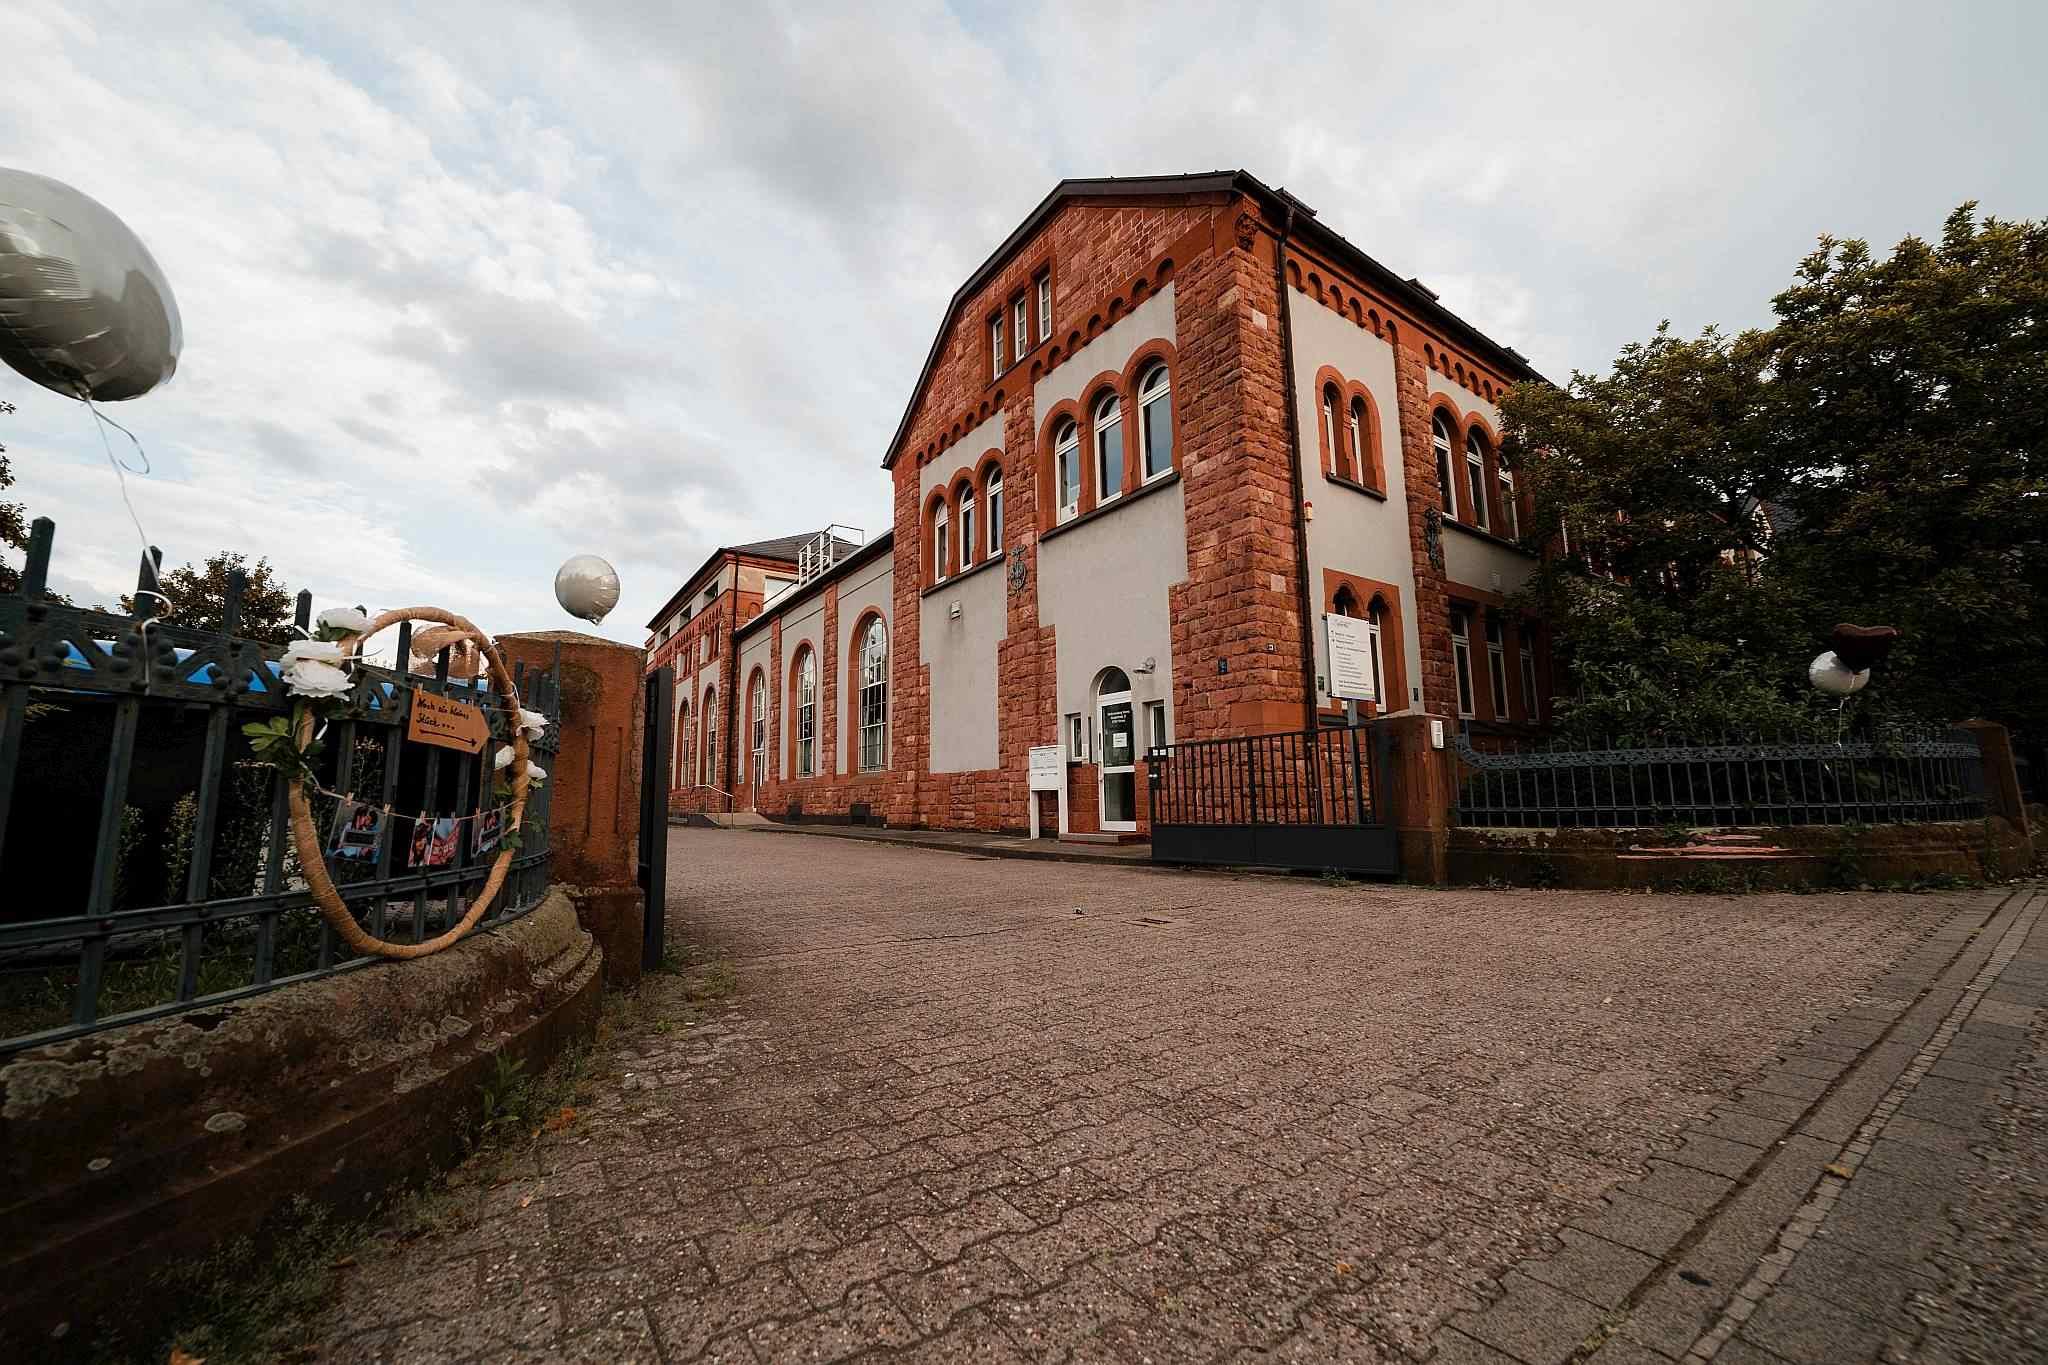 Die Traulocation: Im alten Kesselhaus in Worms findet die freie Trauung statt